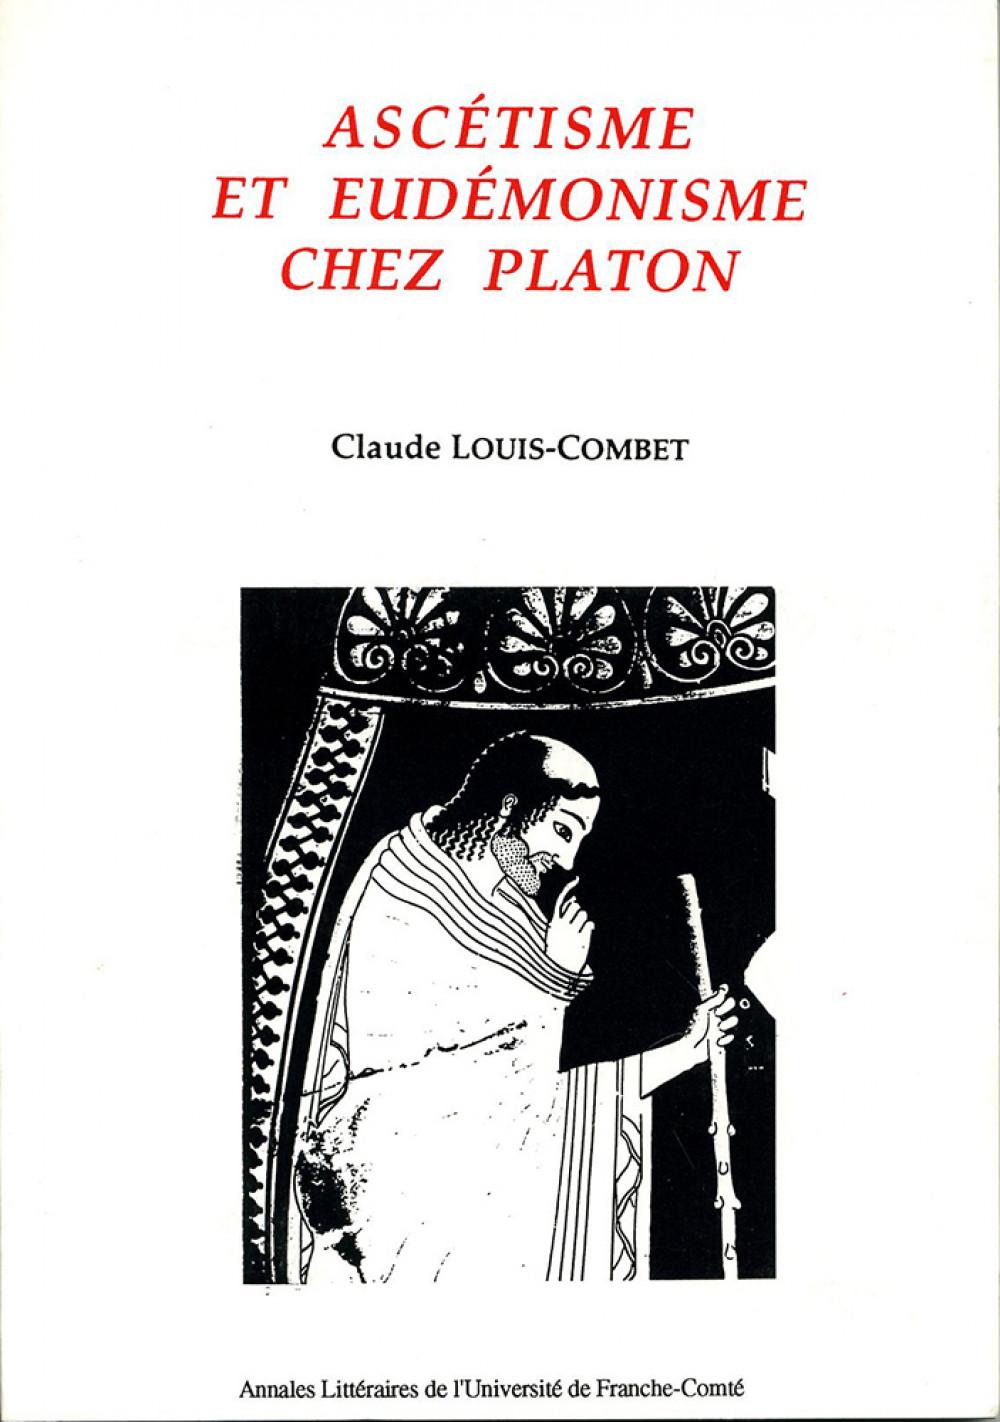 Ascétisme et eudémonisme chez Platon